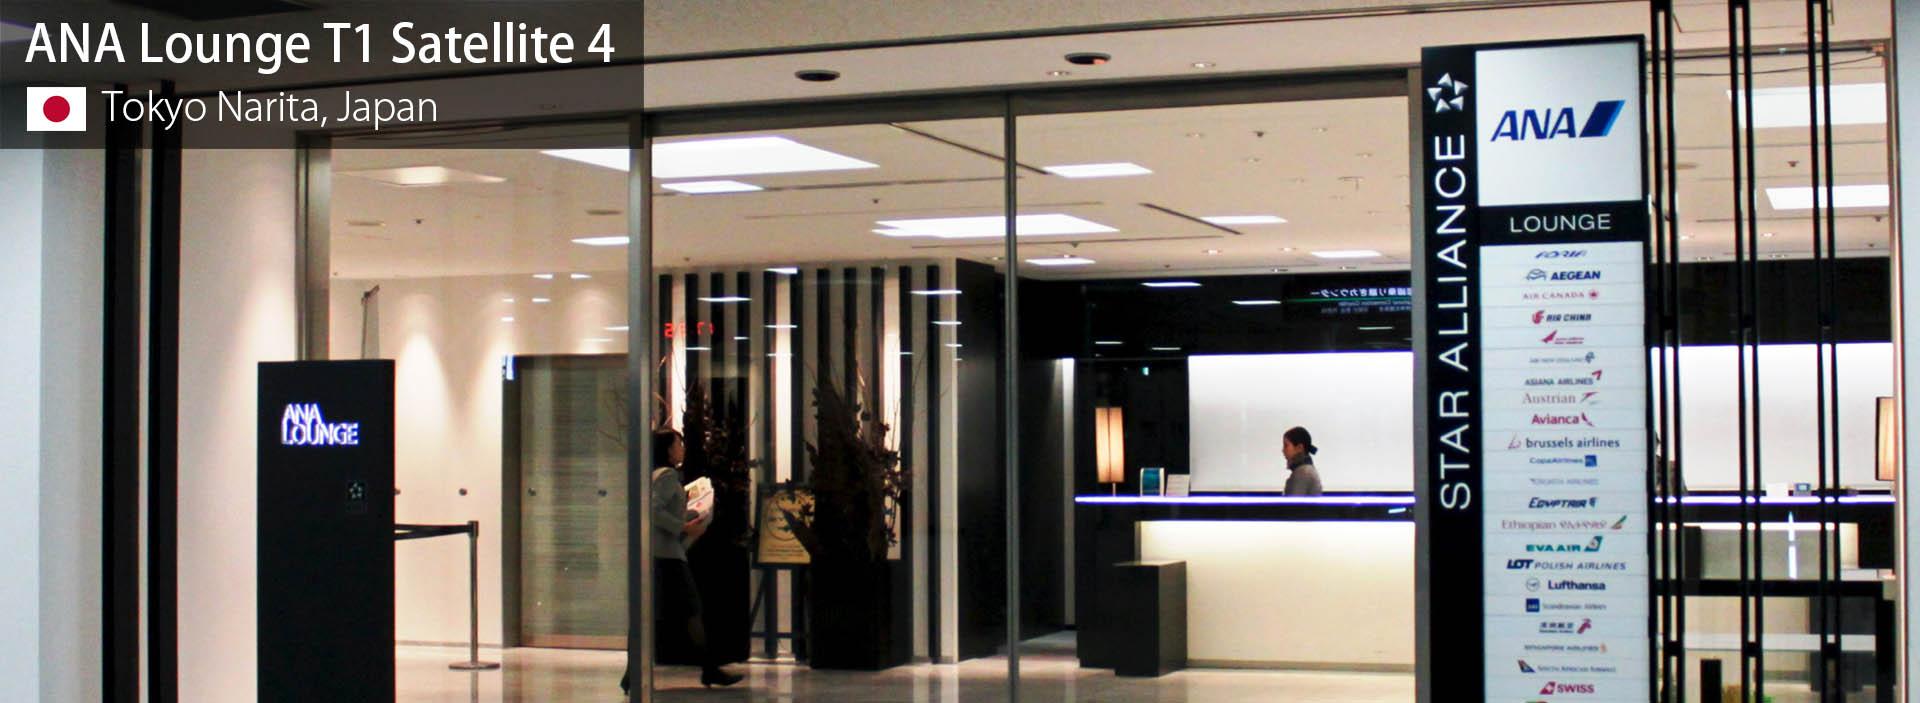 Lounge Review: ANA Lounge Terminal 1 Satellite 4 at Tokyo Narita